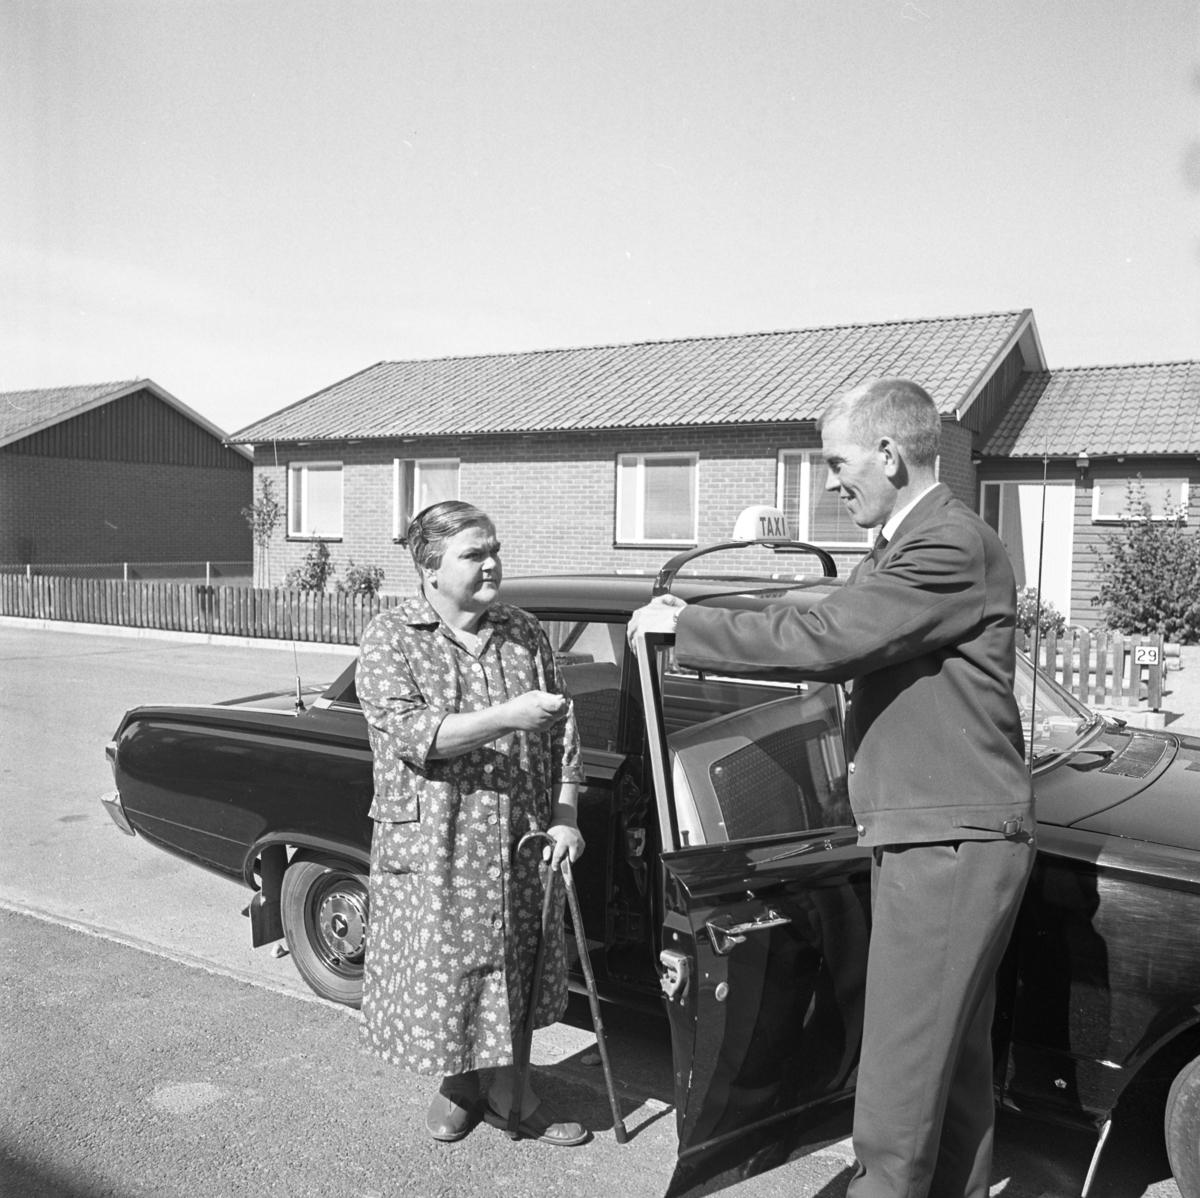 En kvinna ska åka taxi. Hon har en käpp i handen. Den uniformerade chauffören håller upp bildörren.